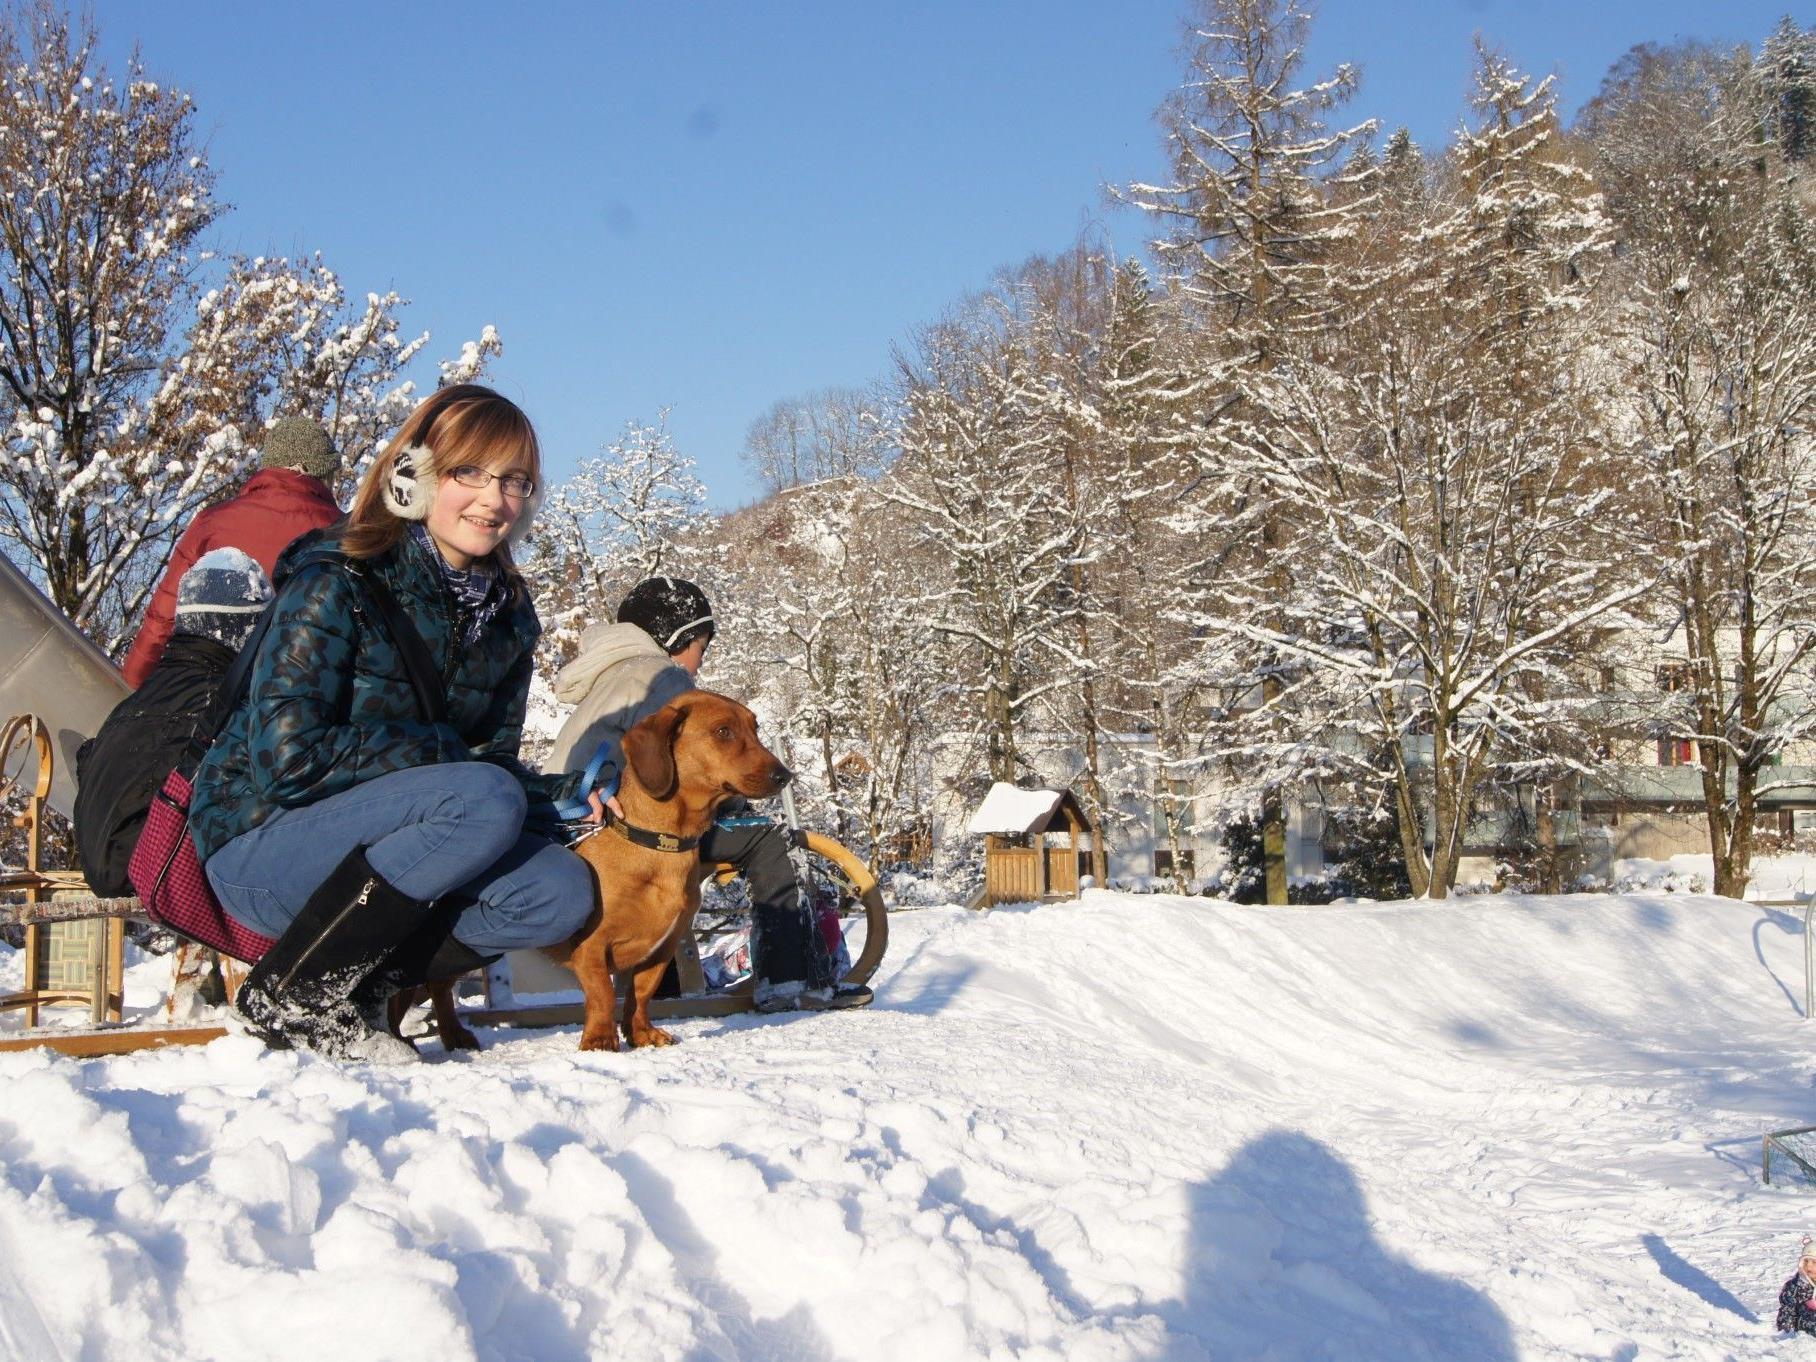 Märchenhafter Winterzauber in Dornbirn.